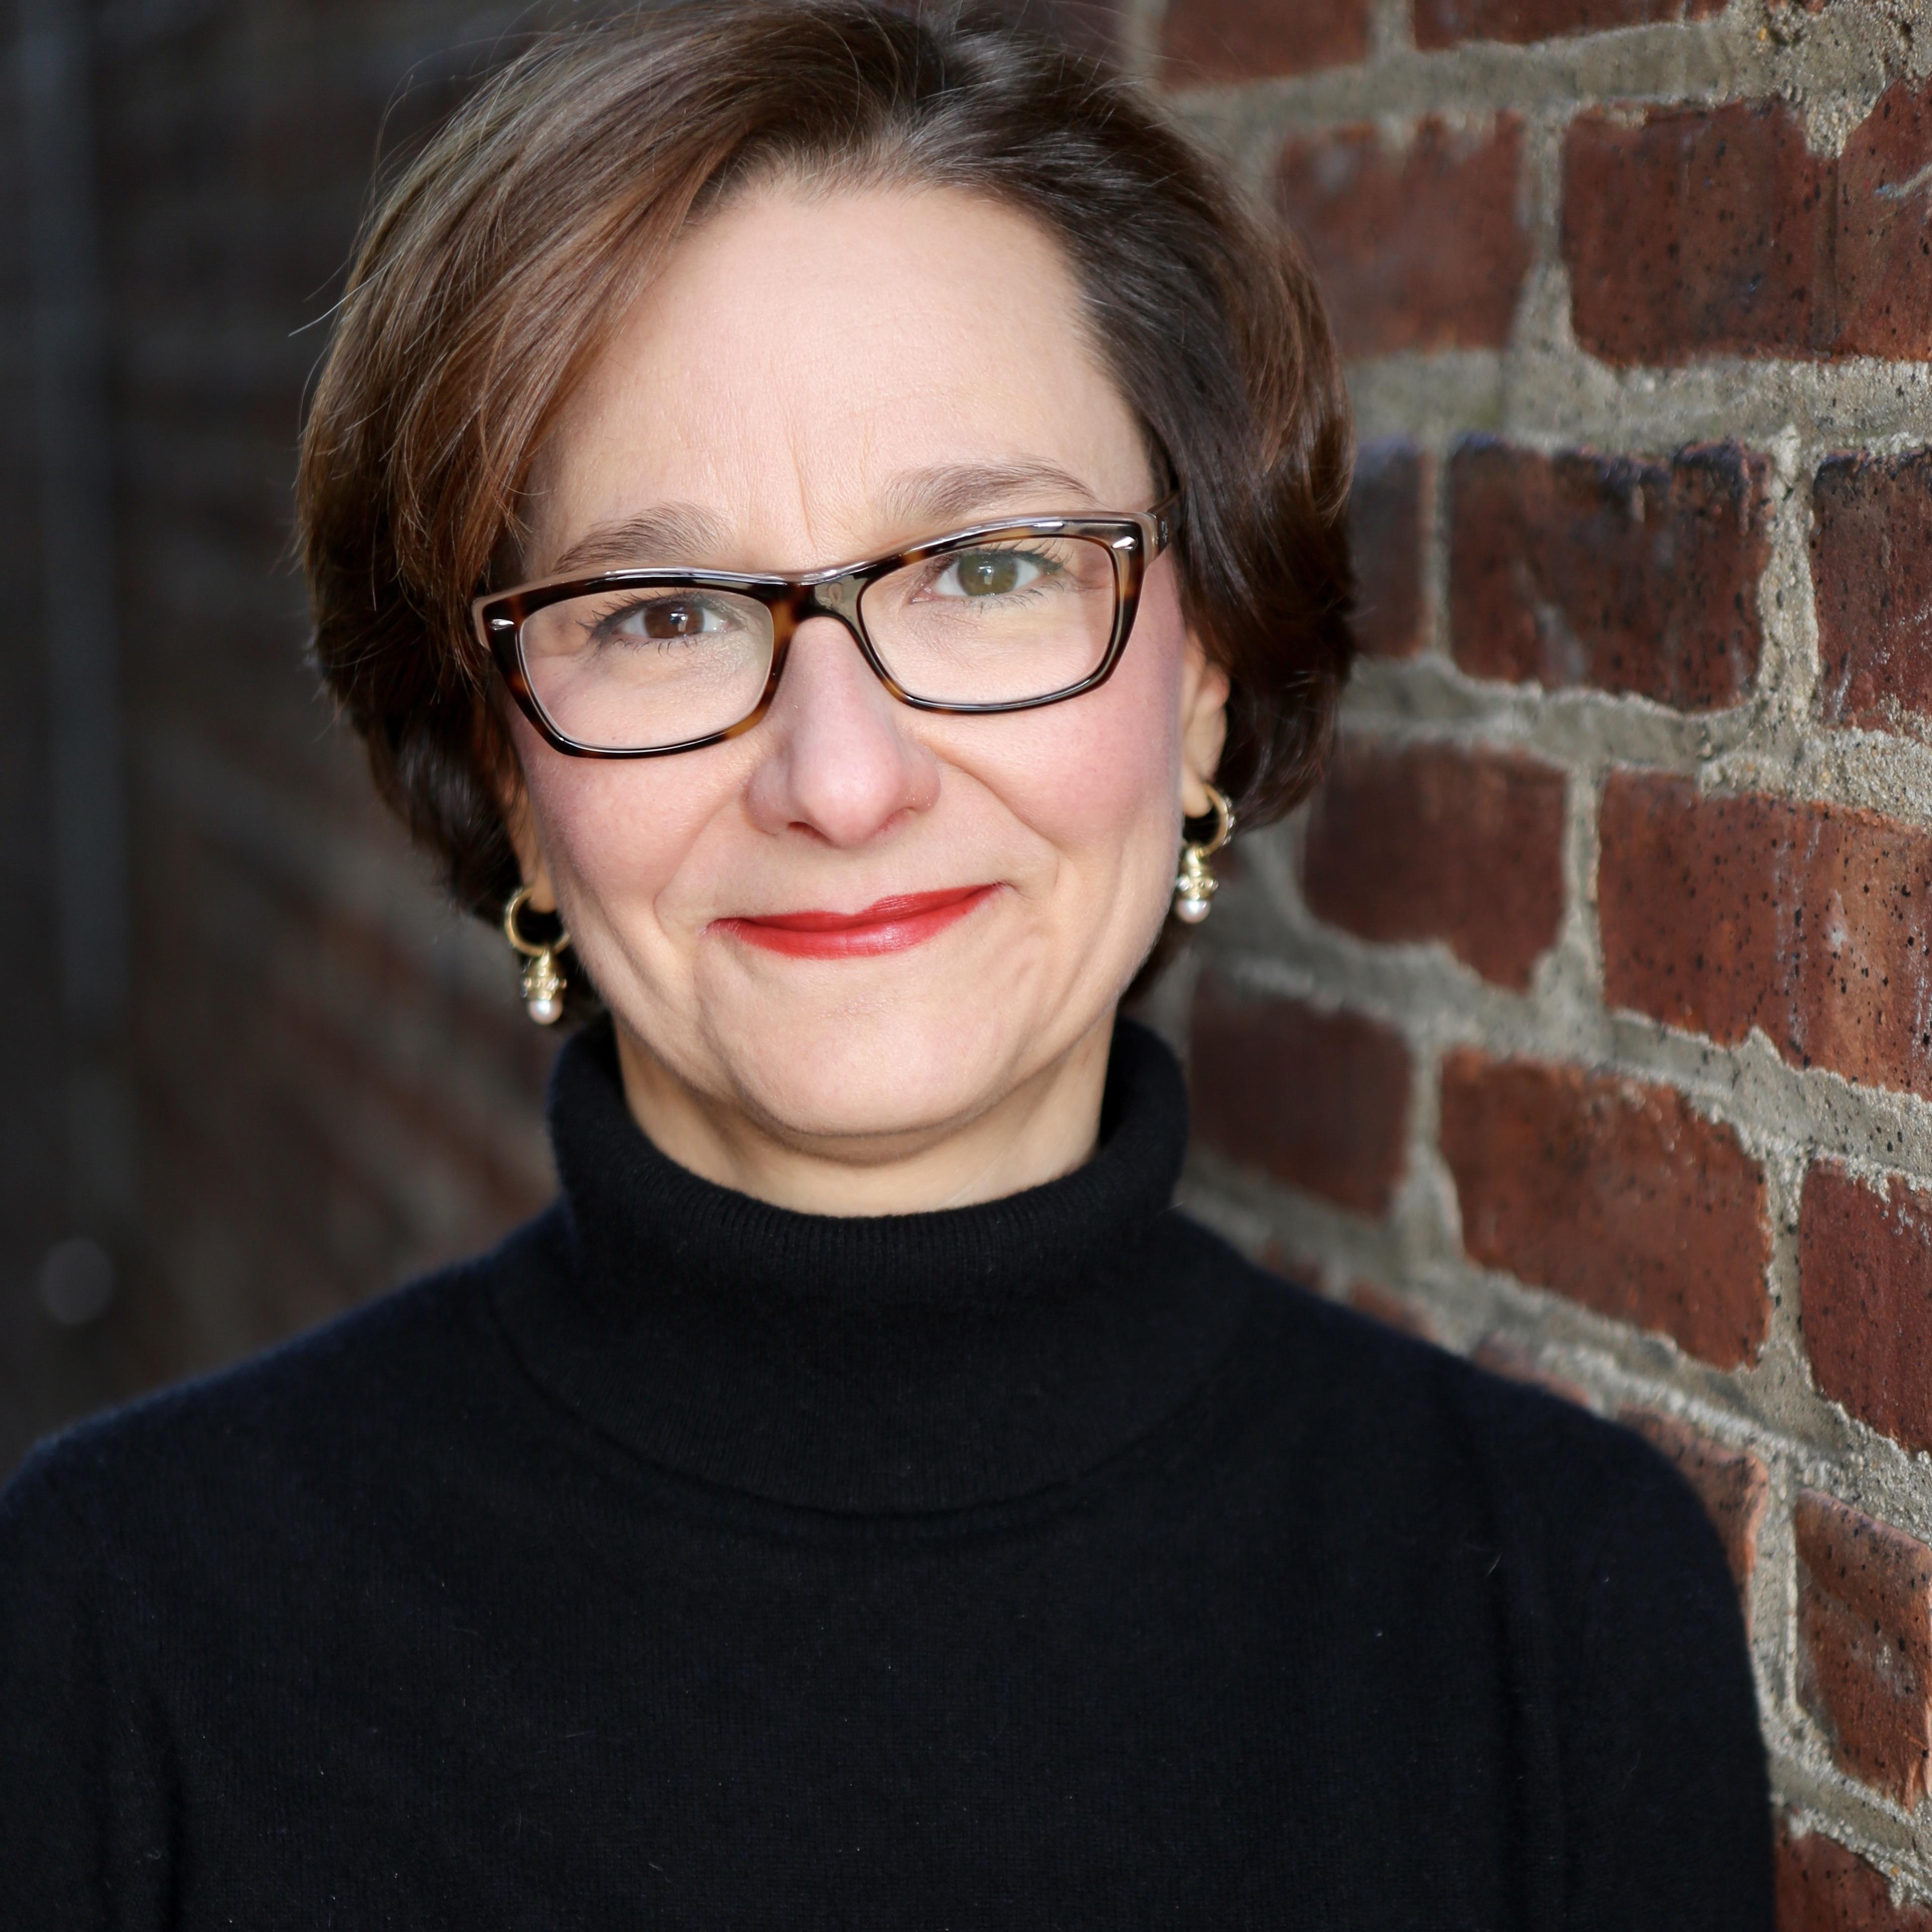 Deborah Gerstler Spanierman headshot